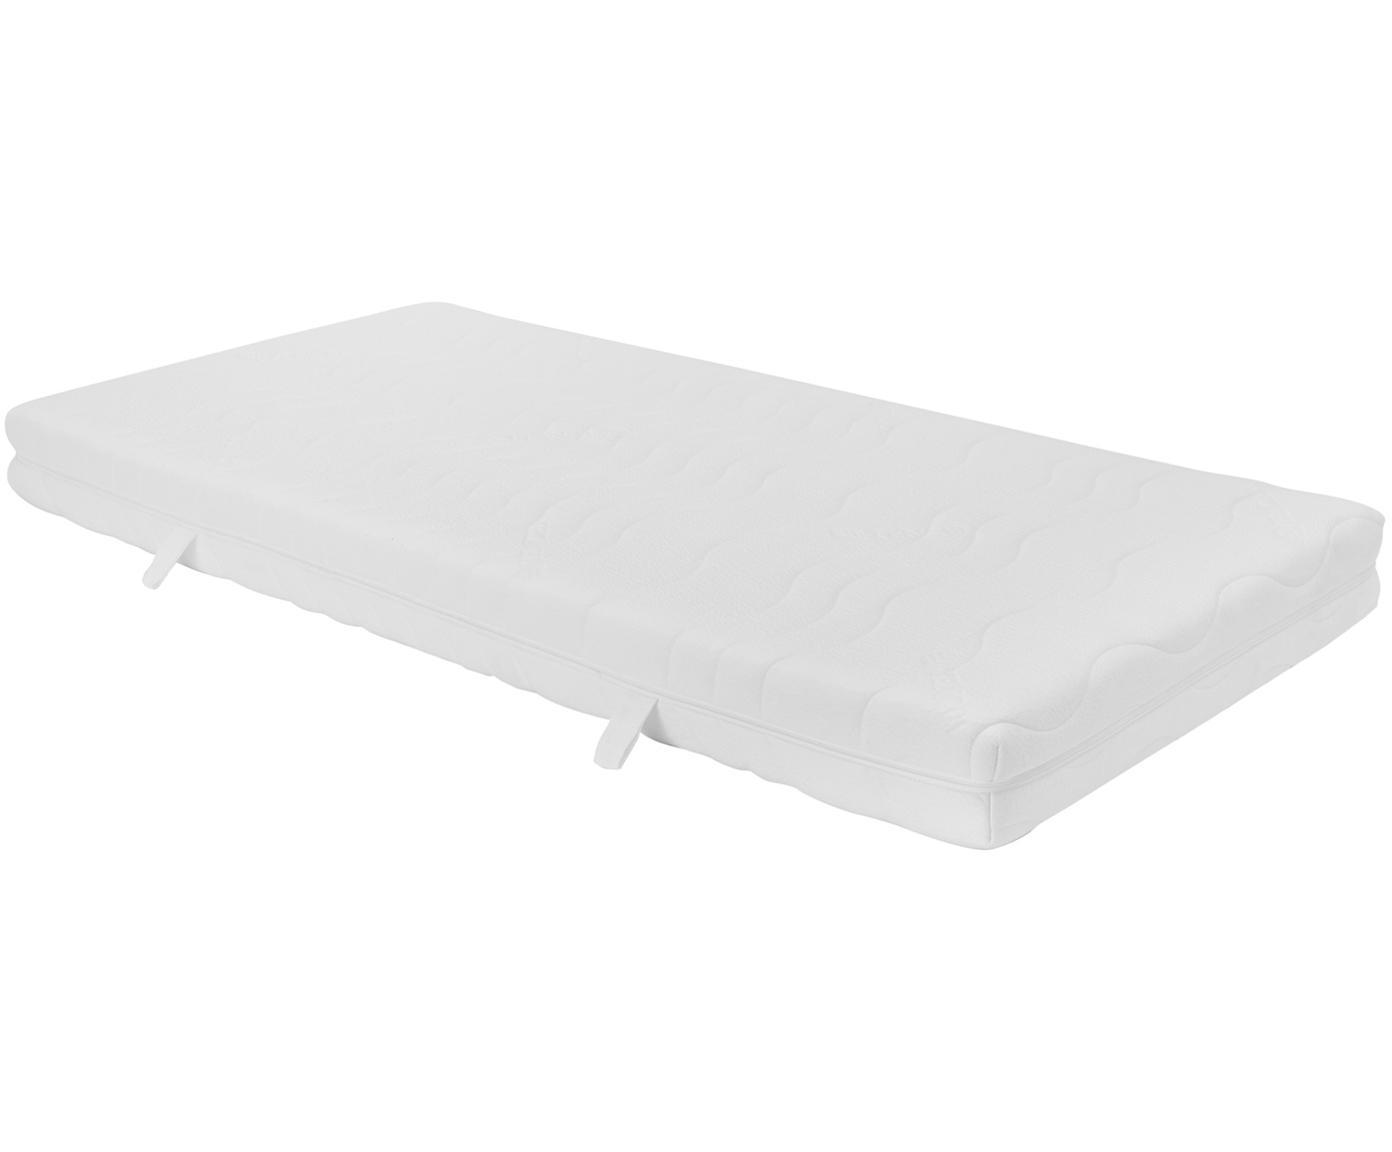 Colchón de espuma Vital, Funda: jersey doble TENCEL® (56%, Blanco, 90 x 200 cm